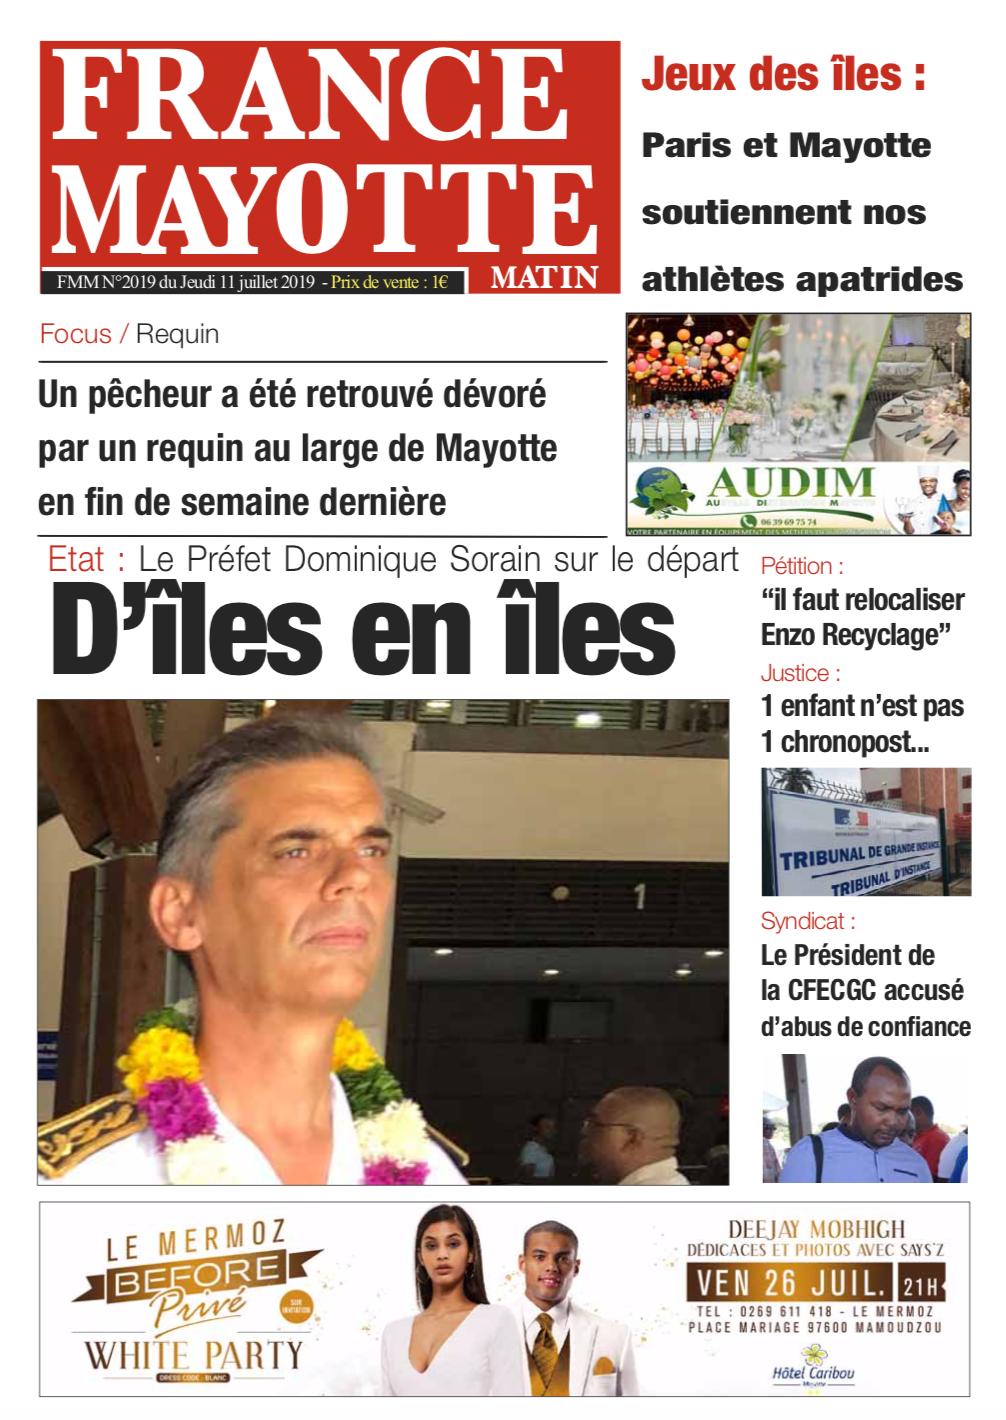 France Mayotte Jeudi 11 juillet 2019